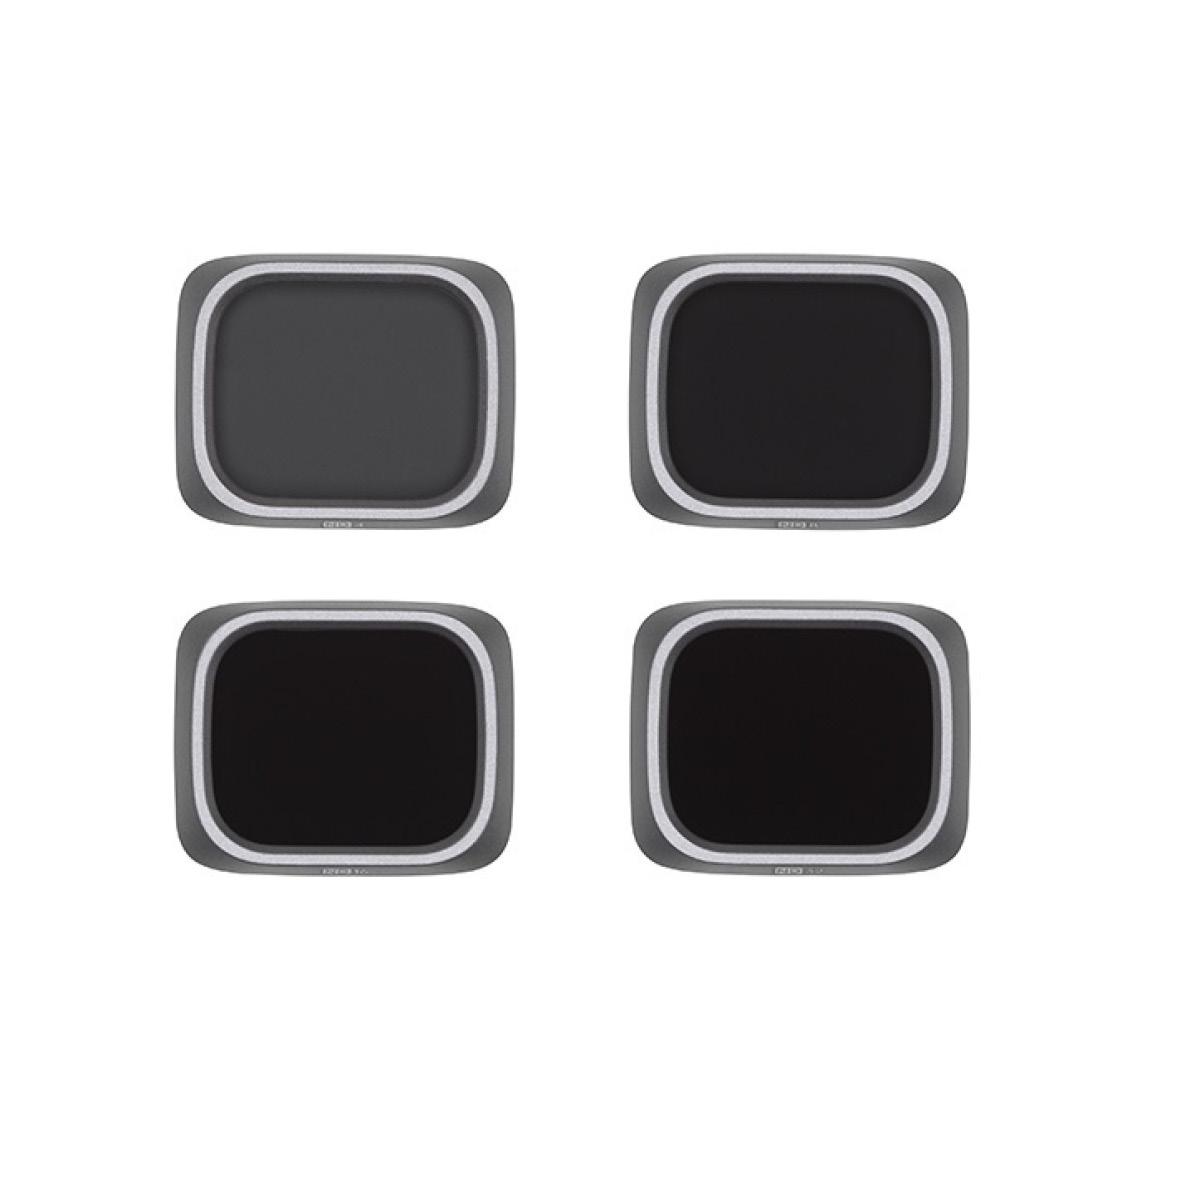 DJI Air 2 S ND Filterset (ND4/8/16/32)